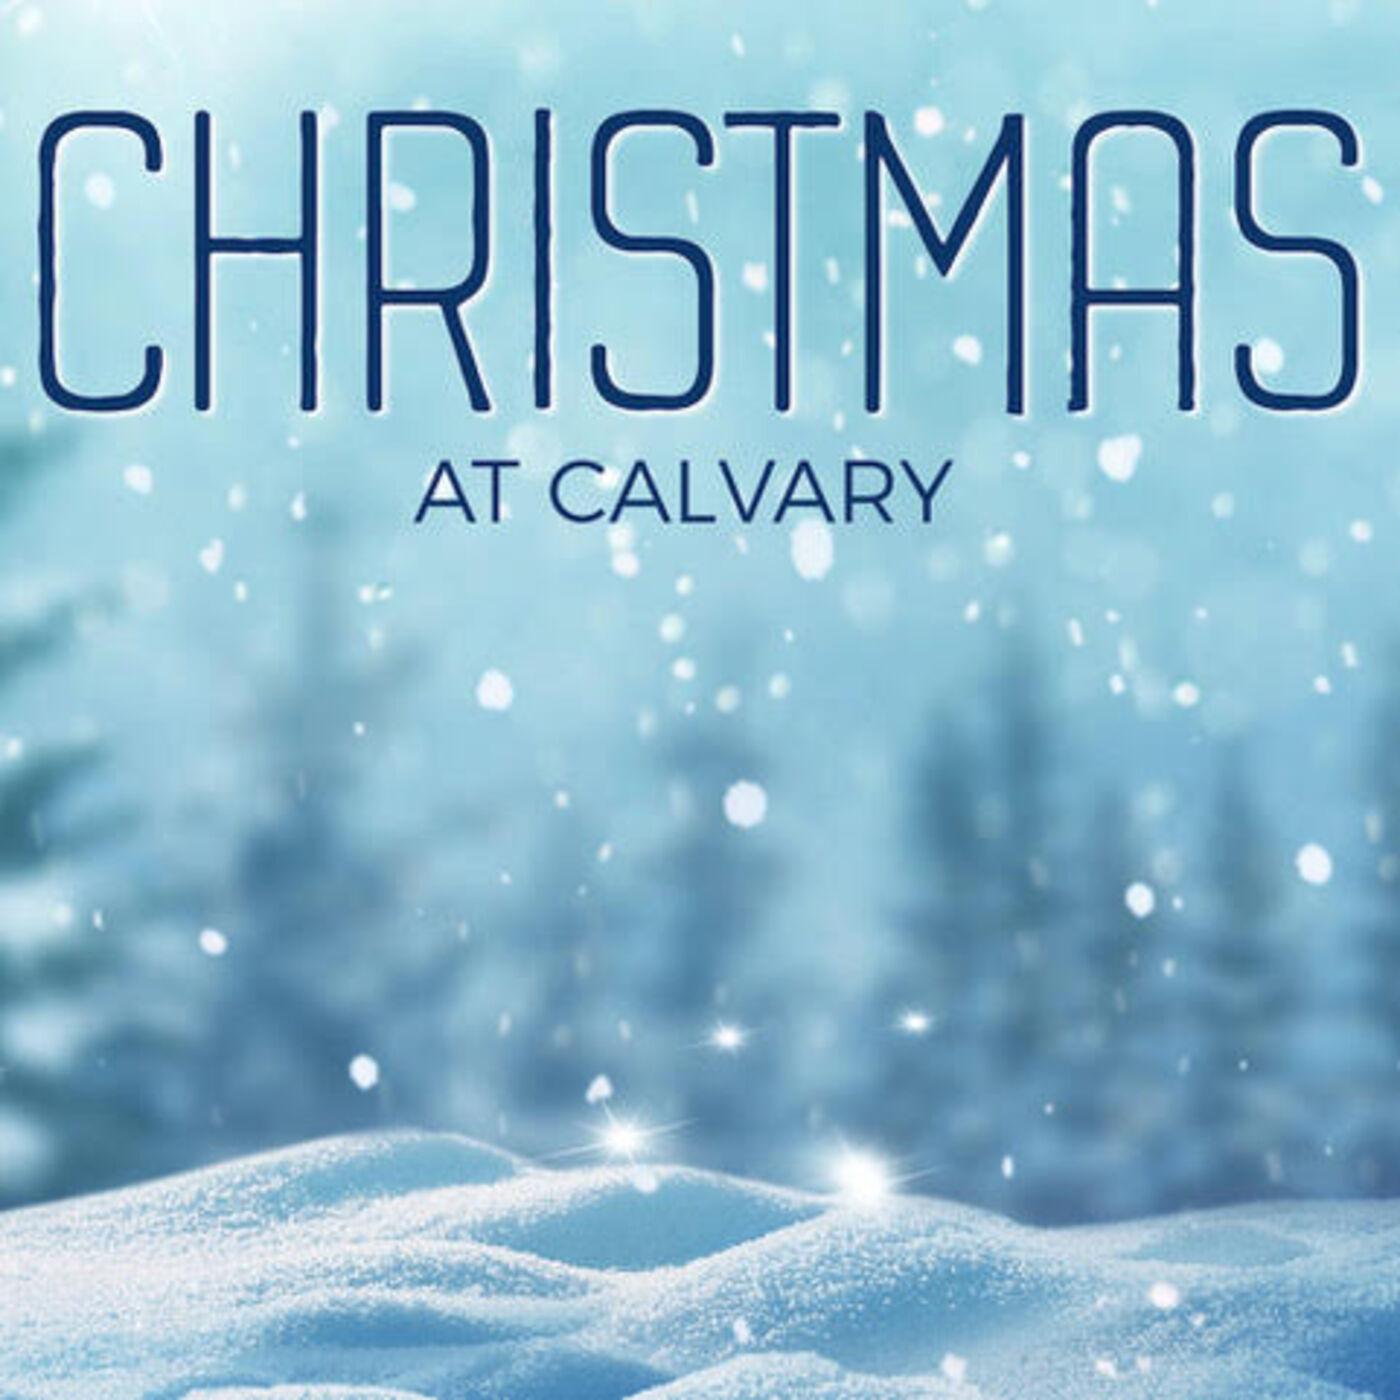 The Christmas Story - Luke 1:26-38 & 2:1-20 - Pastor Dan Plourde